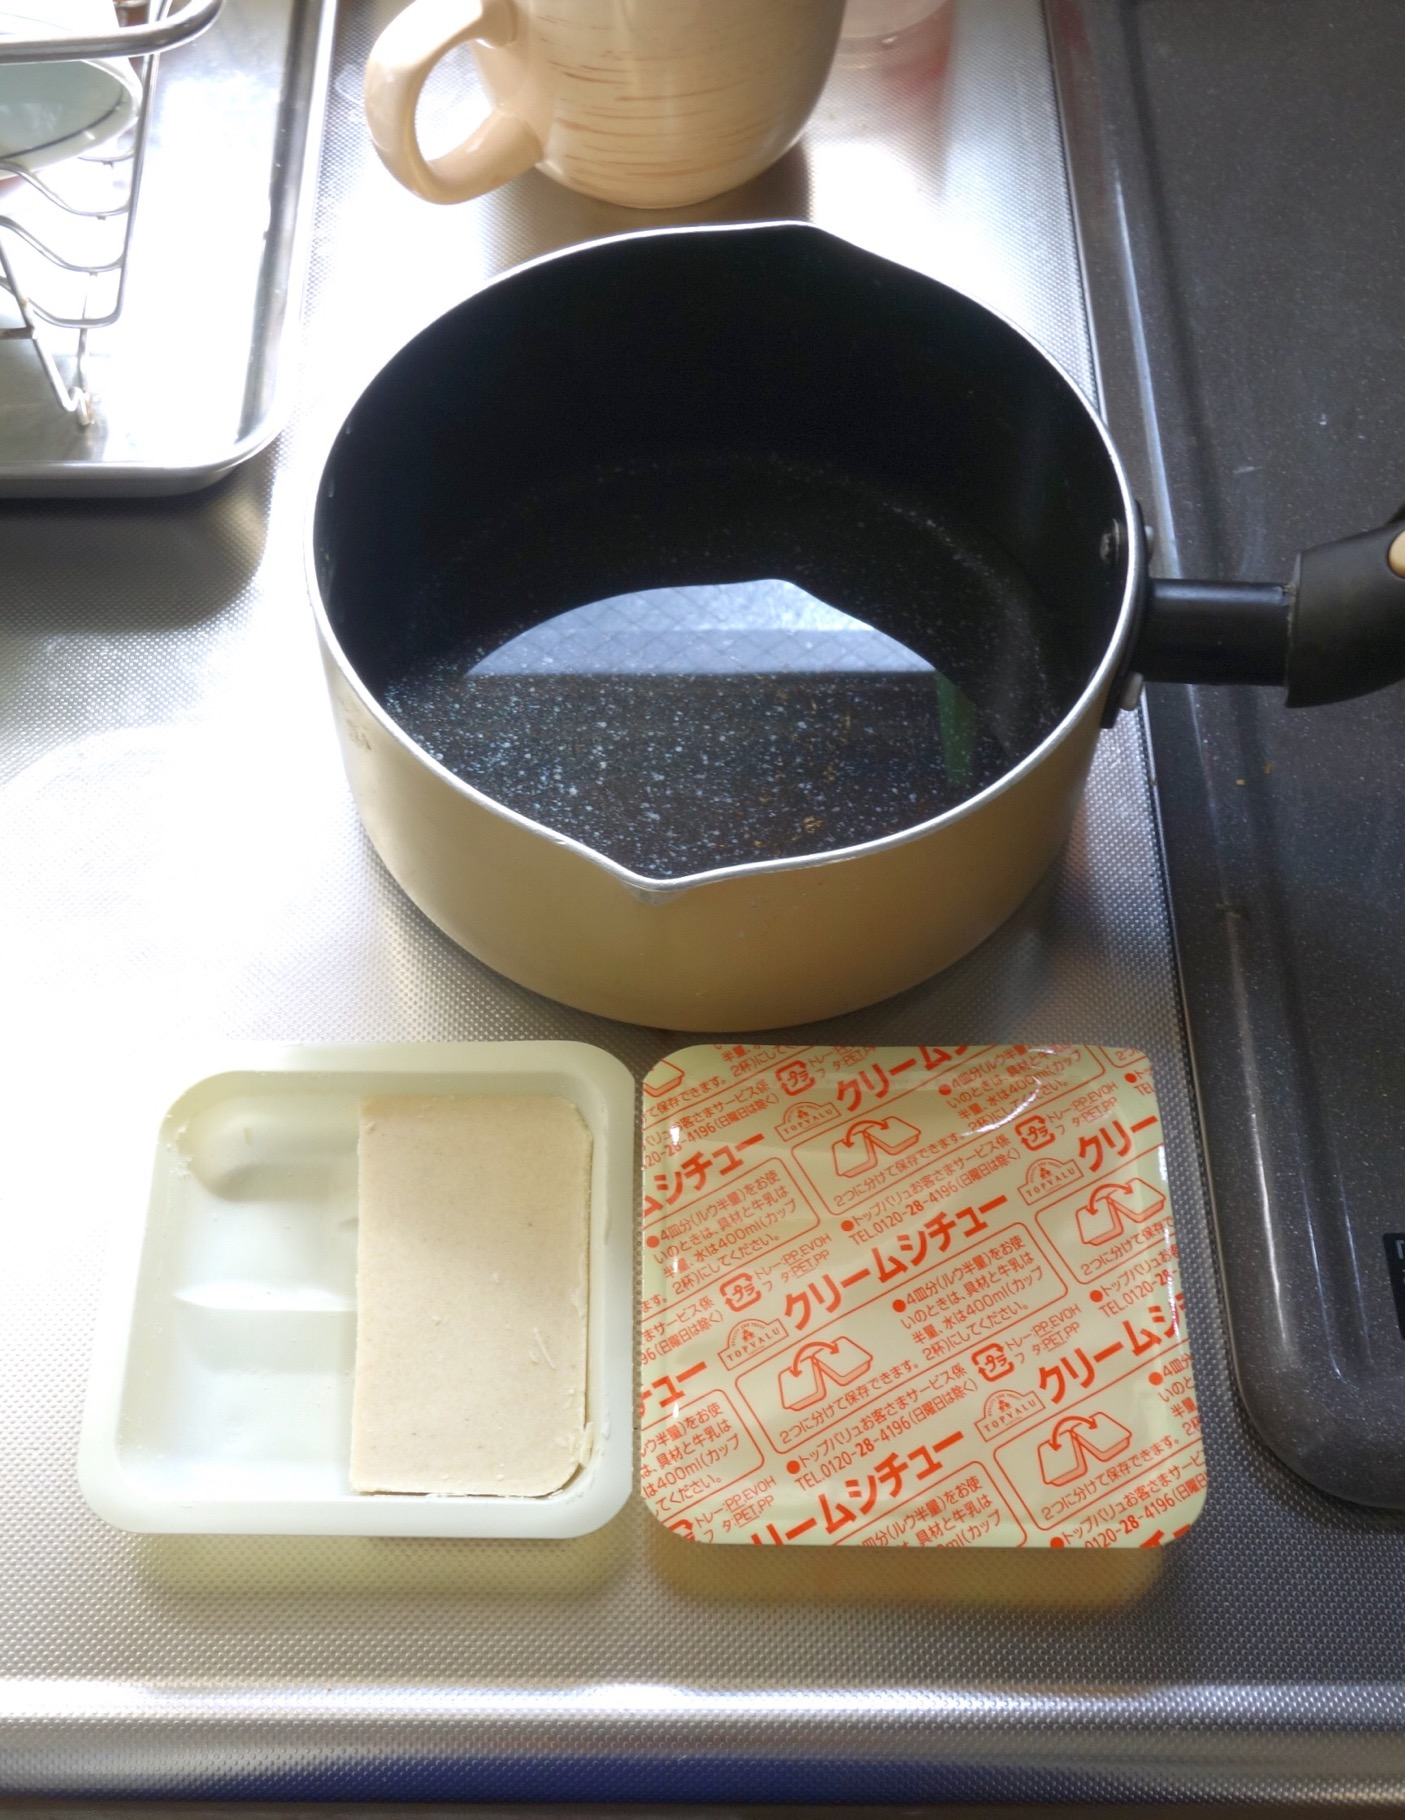 シチューは1人前で4分の1箱を使用(撮影:中野龍三)。